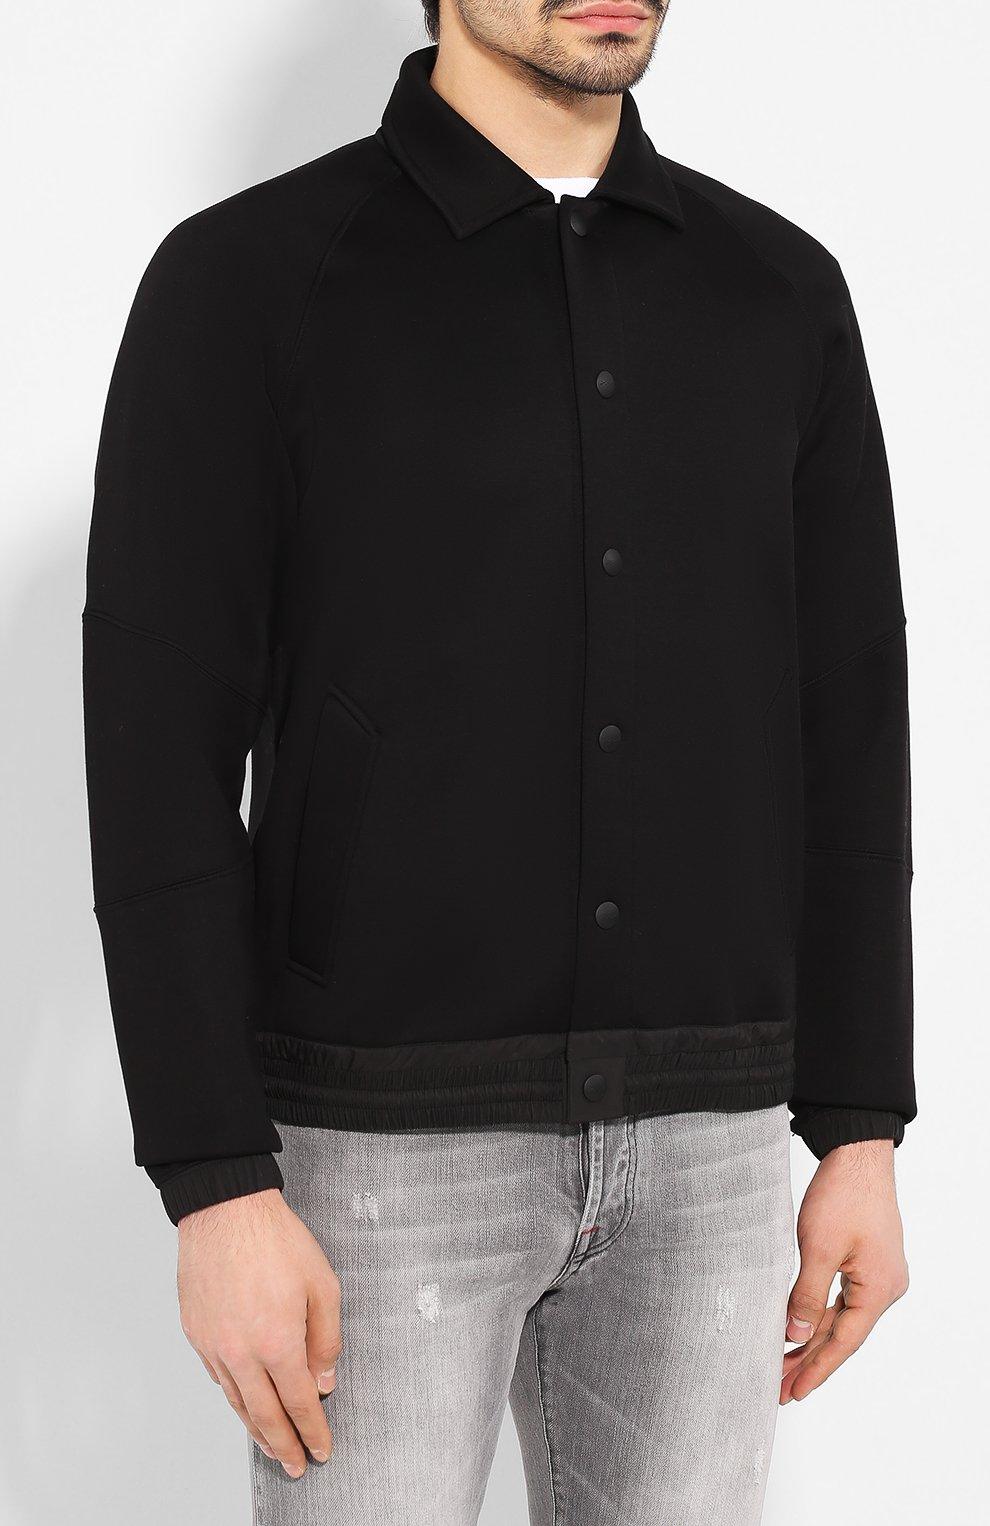 Мужской бомбер ZEGNA COUTURE черного цвета, арт. CUCJ01/7UJ60   Фото 3 (Кросс-КТ: Куртка; Рукава: Длинные; Принт: Без принта; Материал внешний: Синтетический материал, Хлопок; Мужское Кросс-КТ: Верхняя одежда; Длина (верхняя одежда): Короткие; Стили: Кэжуэл)